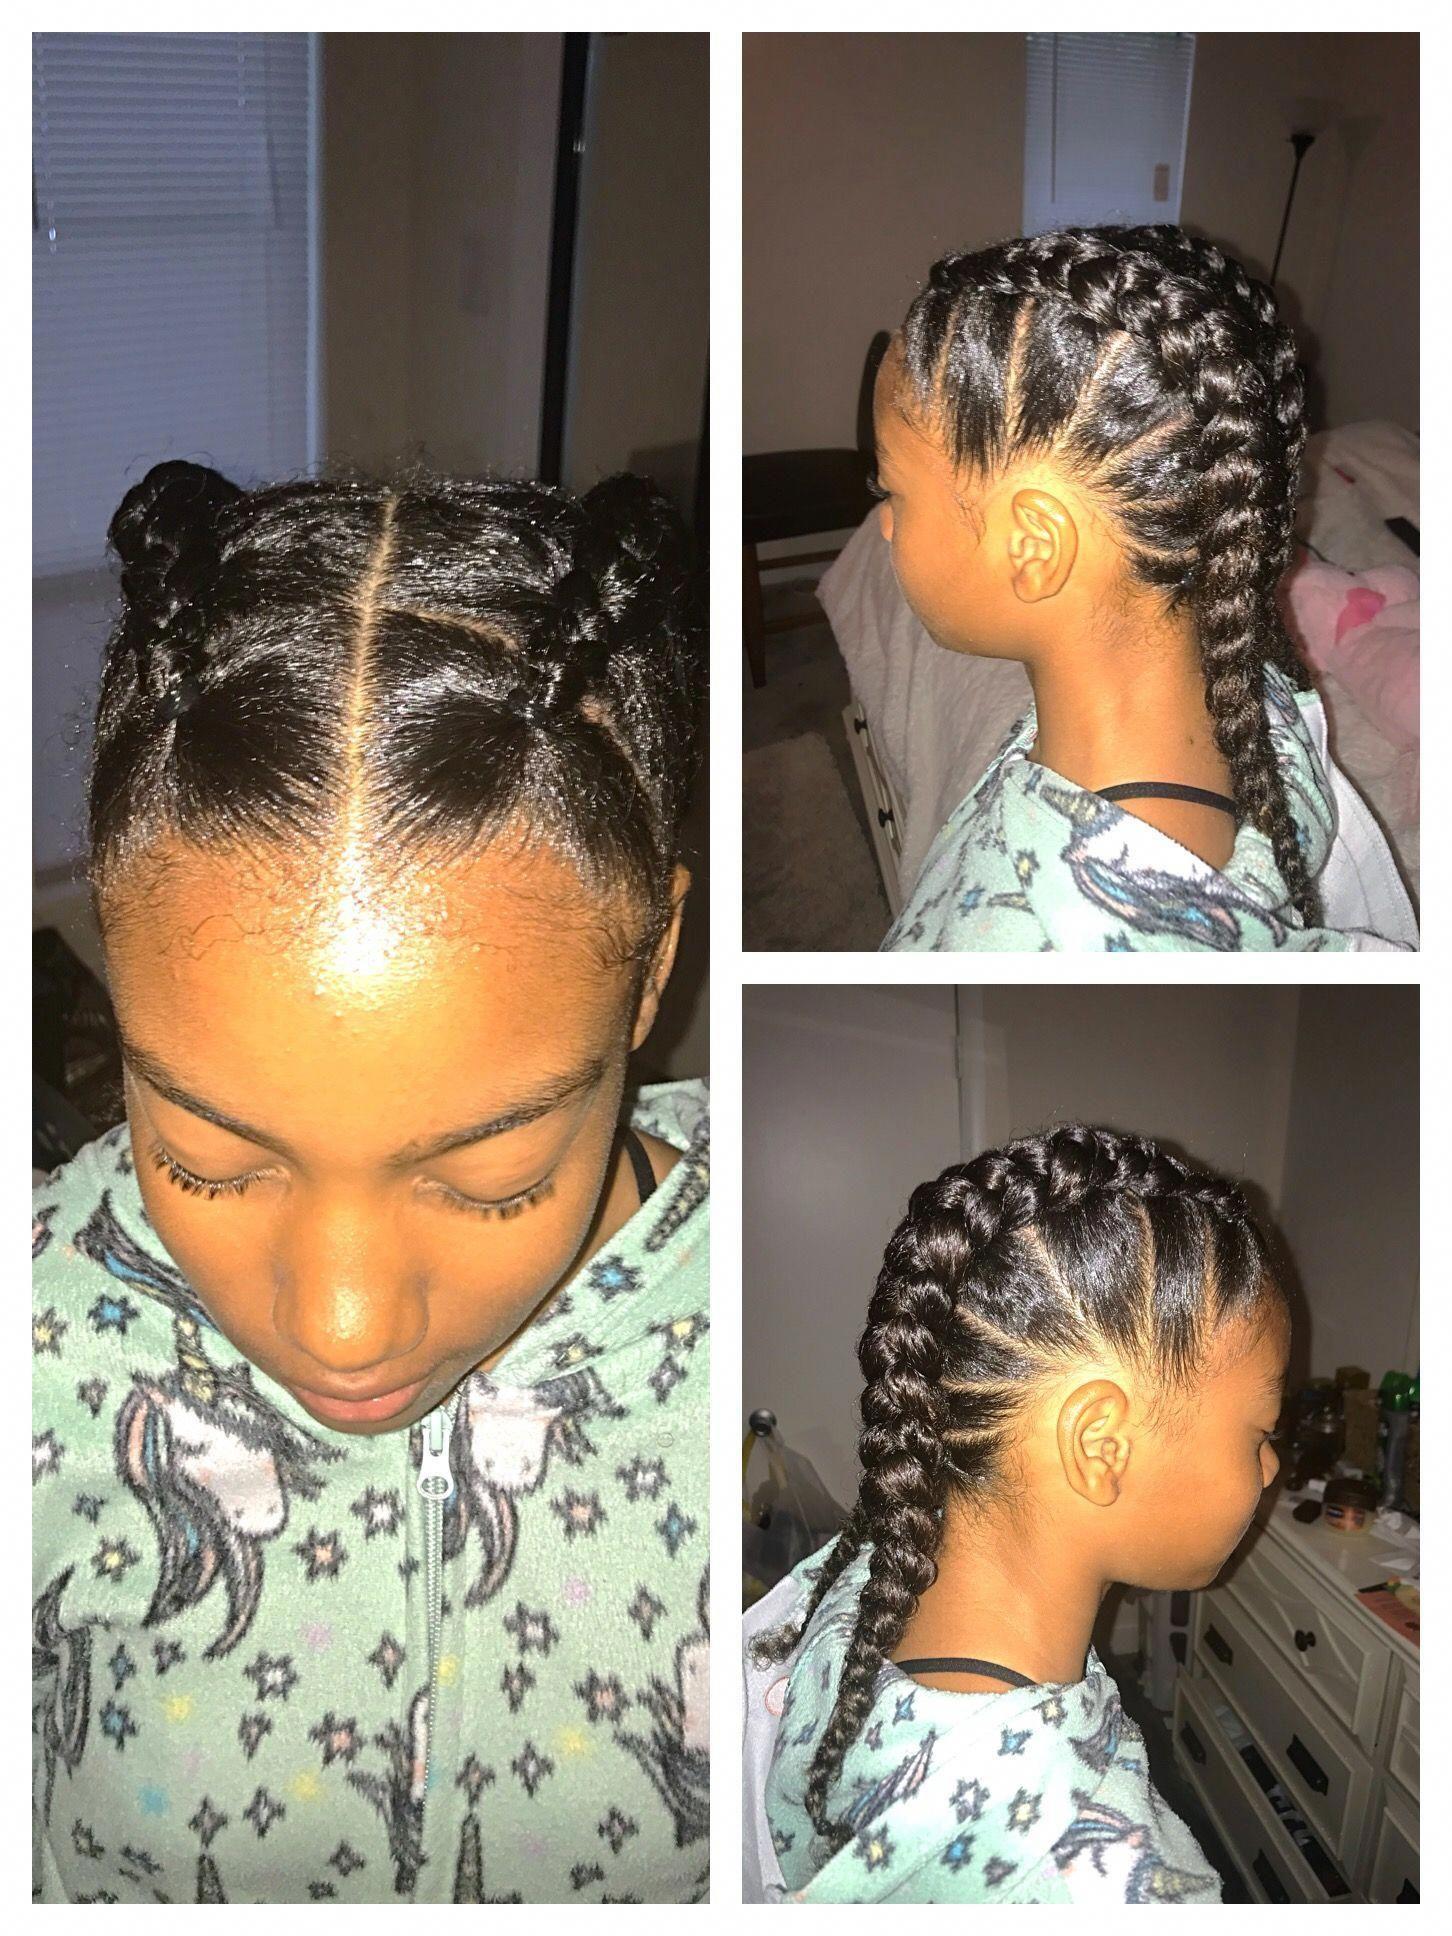 Braid Hairstyles For Black Women Children Littlegirlhairdos#black #braid  #children #hairstyles #littlegirlh… | Girls hairstyles braids, Hair styles, Girl  hairstyles